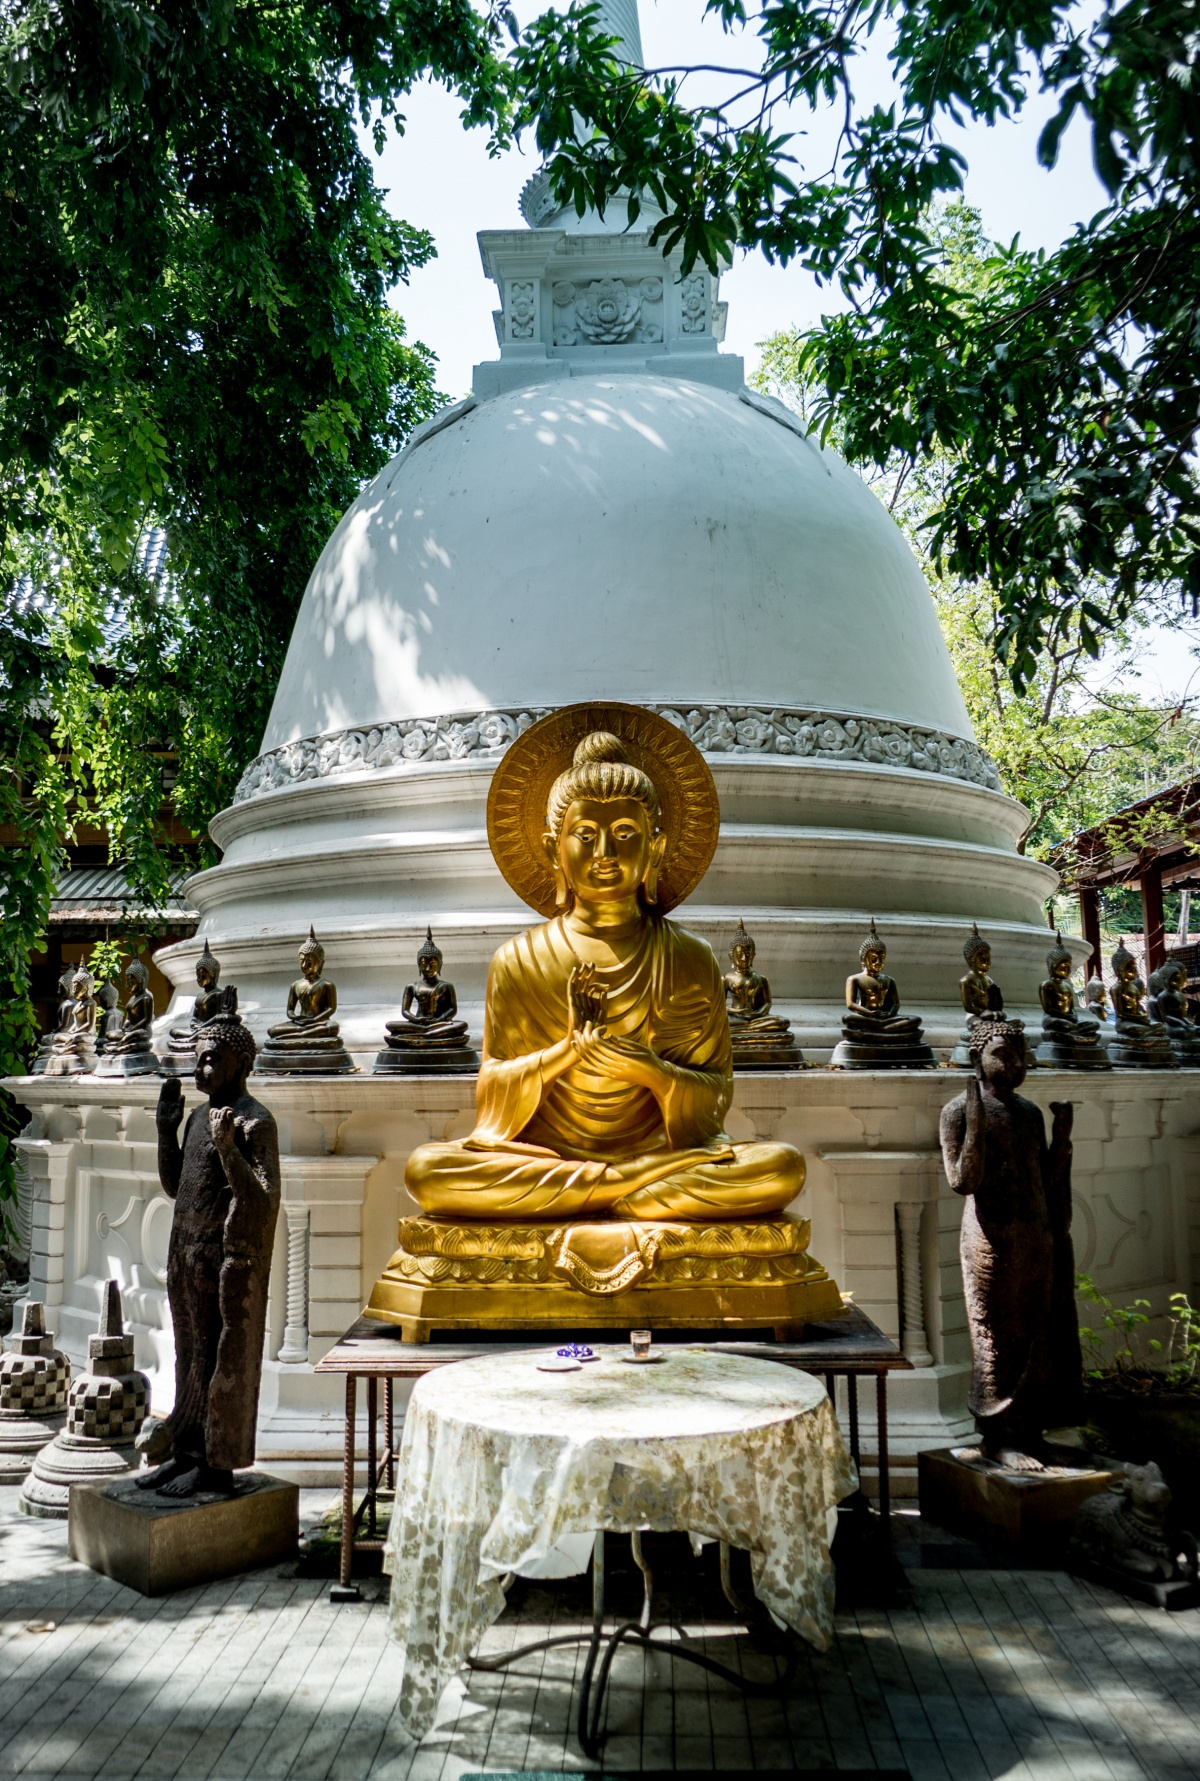 Buddha statue in Gangaramaya temple, Colombo Sri Lanka